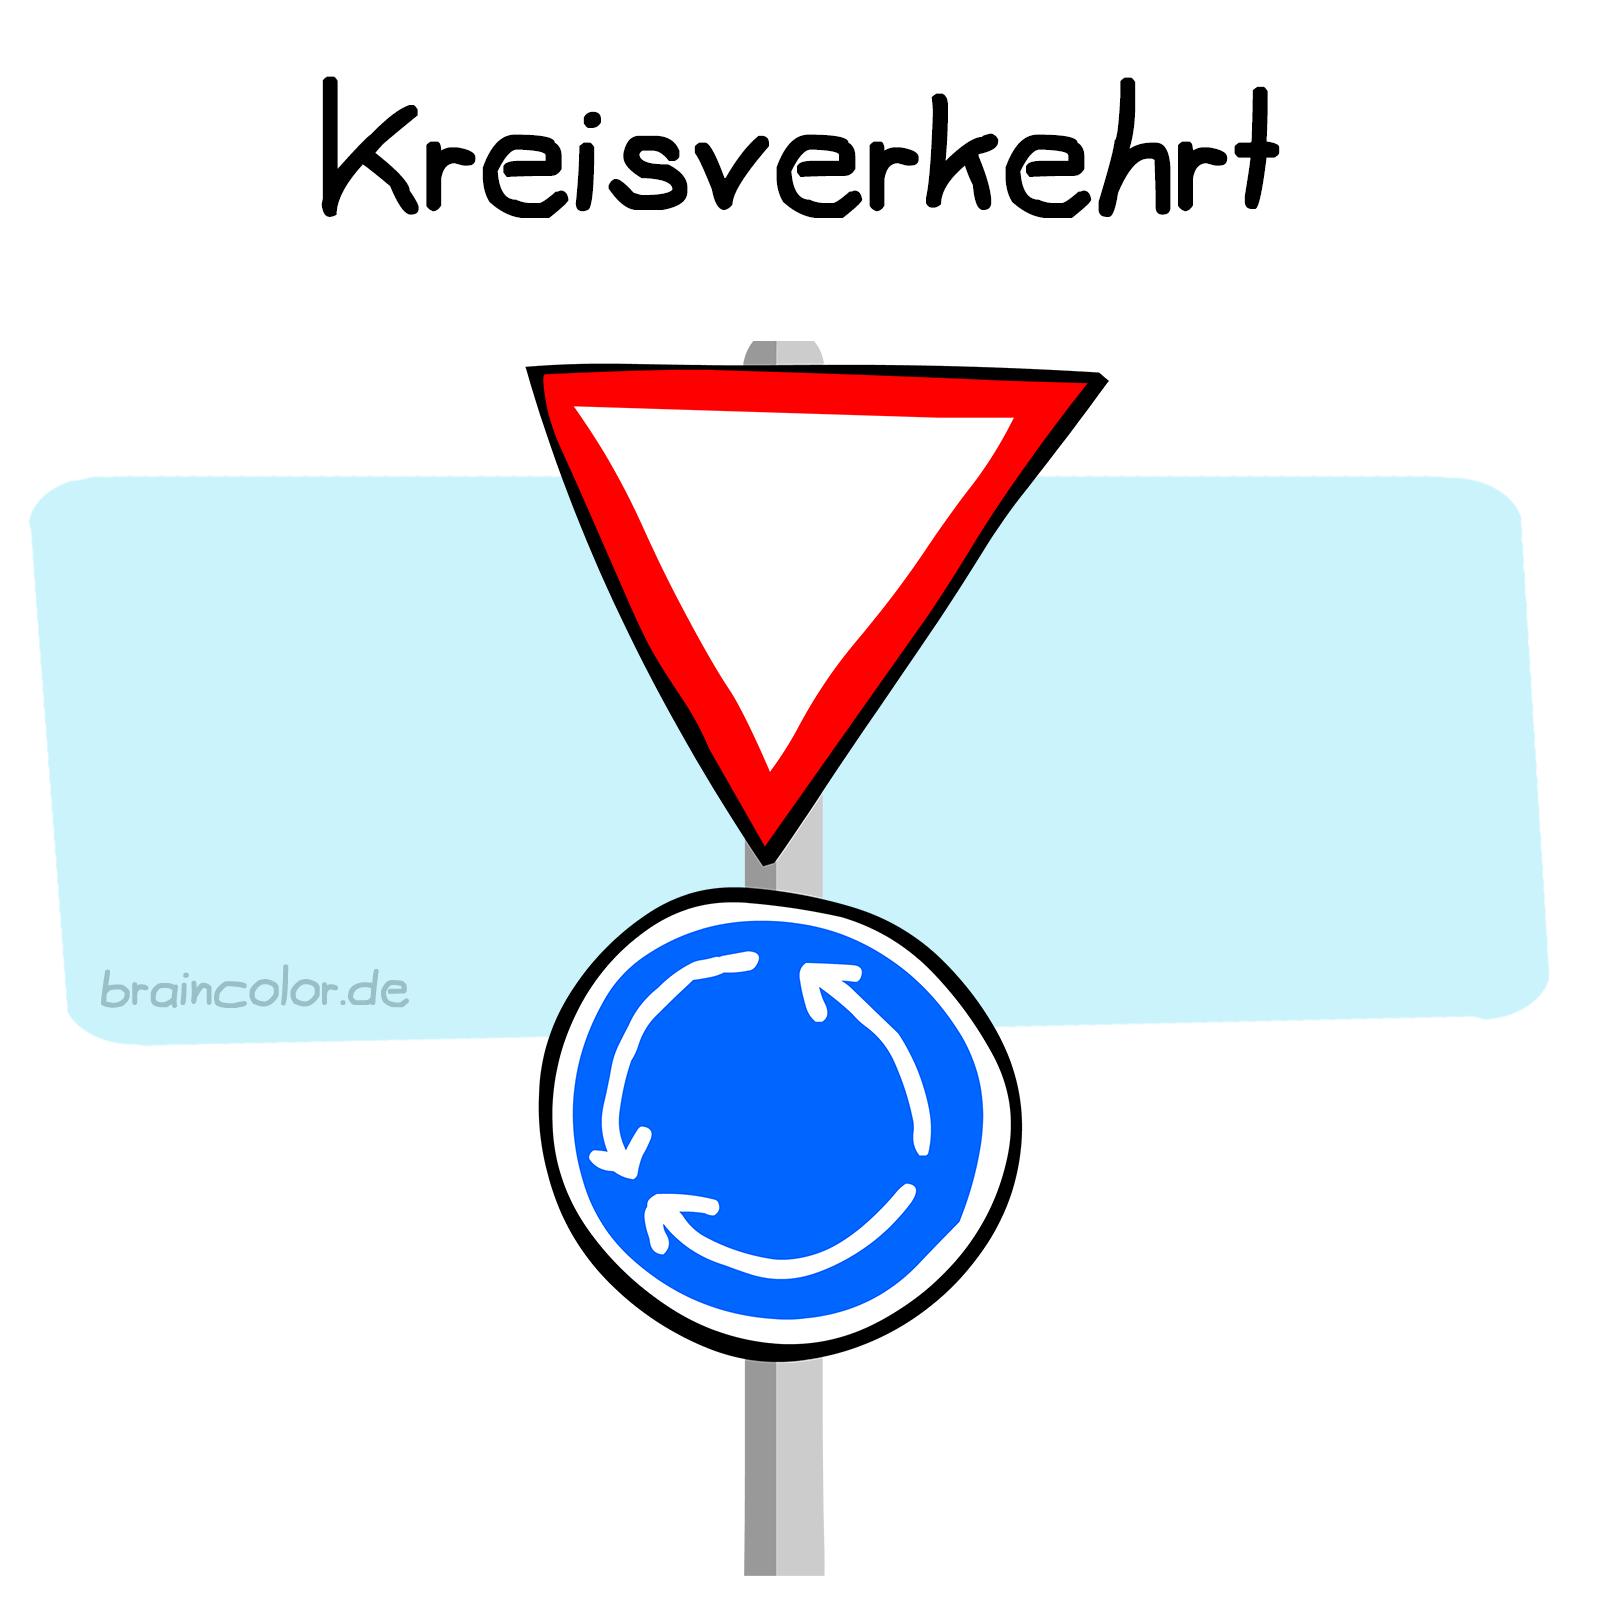 kreisverkehr #einbuchstabedaneben